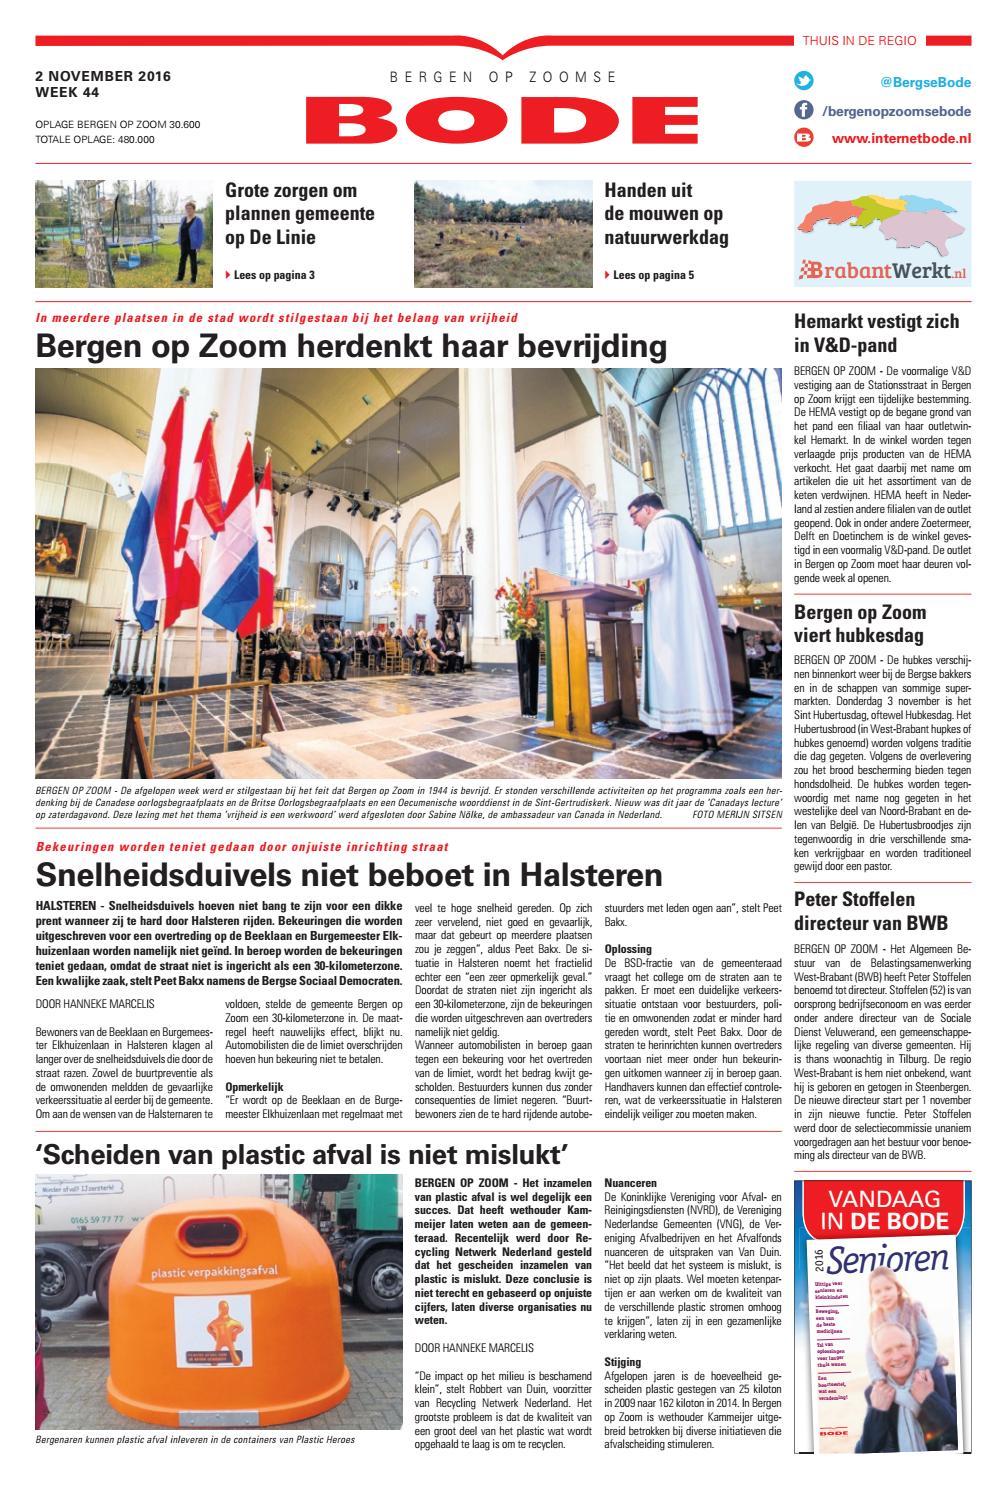 Bergen op Zoomse Bode 02-11-2016 by Uitgeverij de Bode - issuu